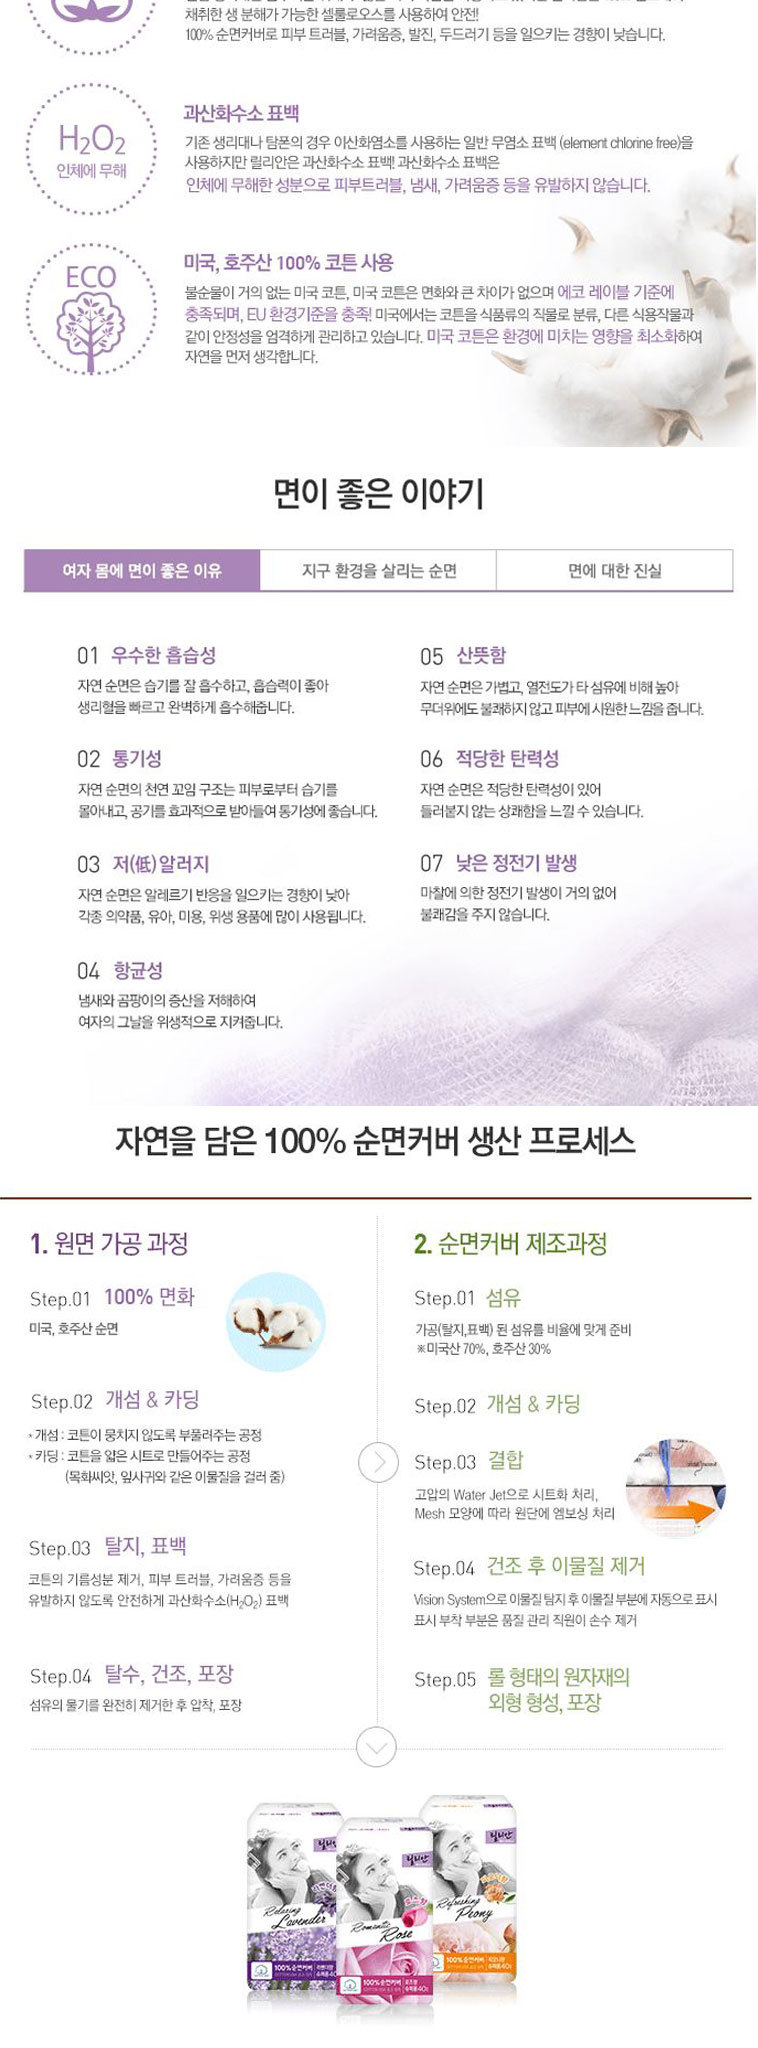 릴리안 팬티라이너 생리대 슈퍼롱40P - 상세정보